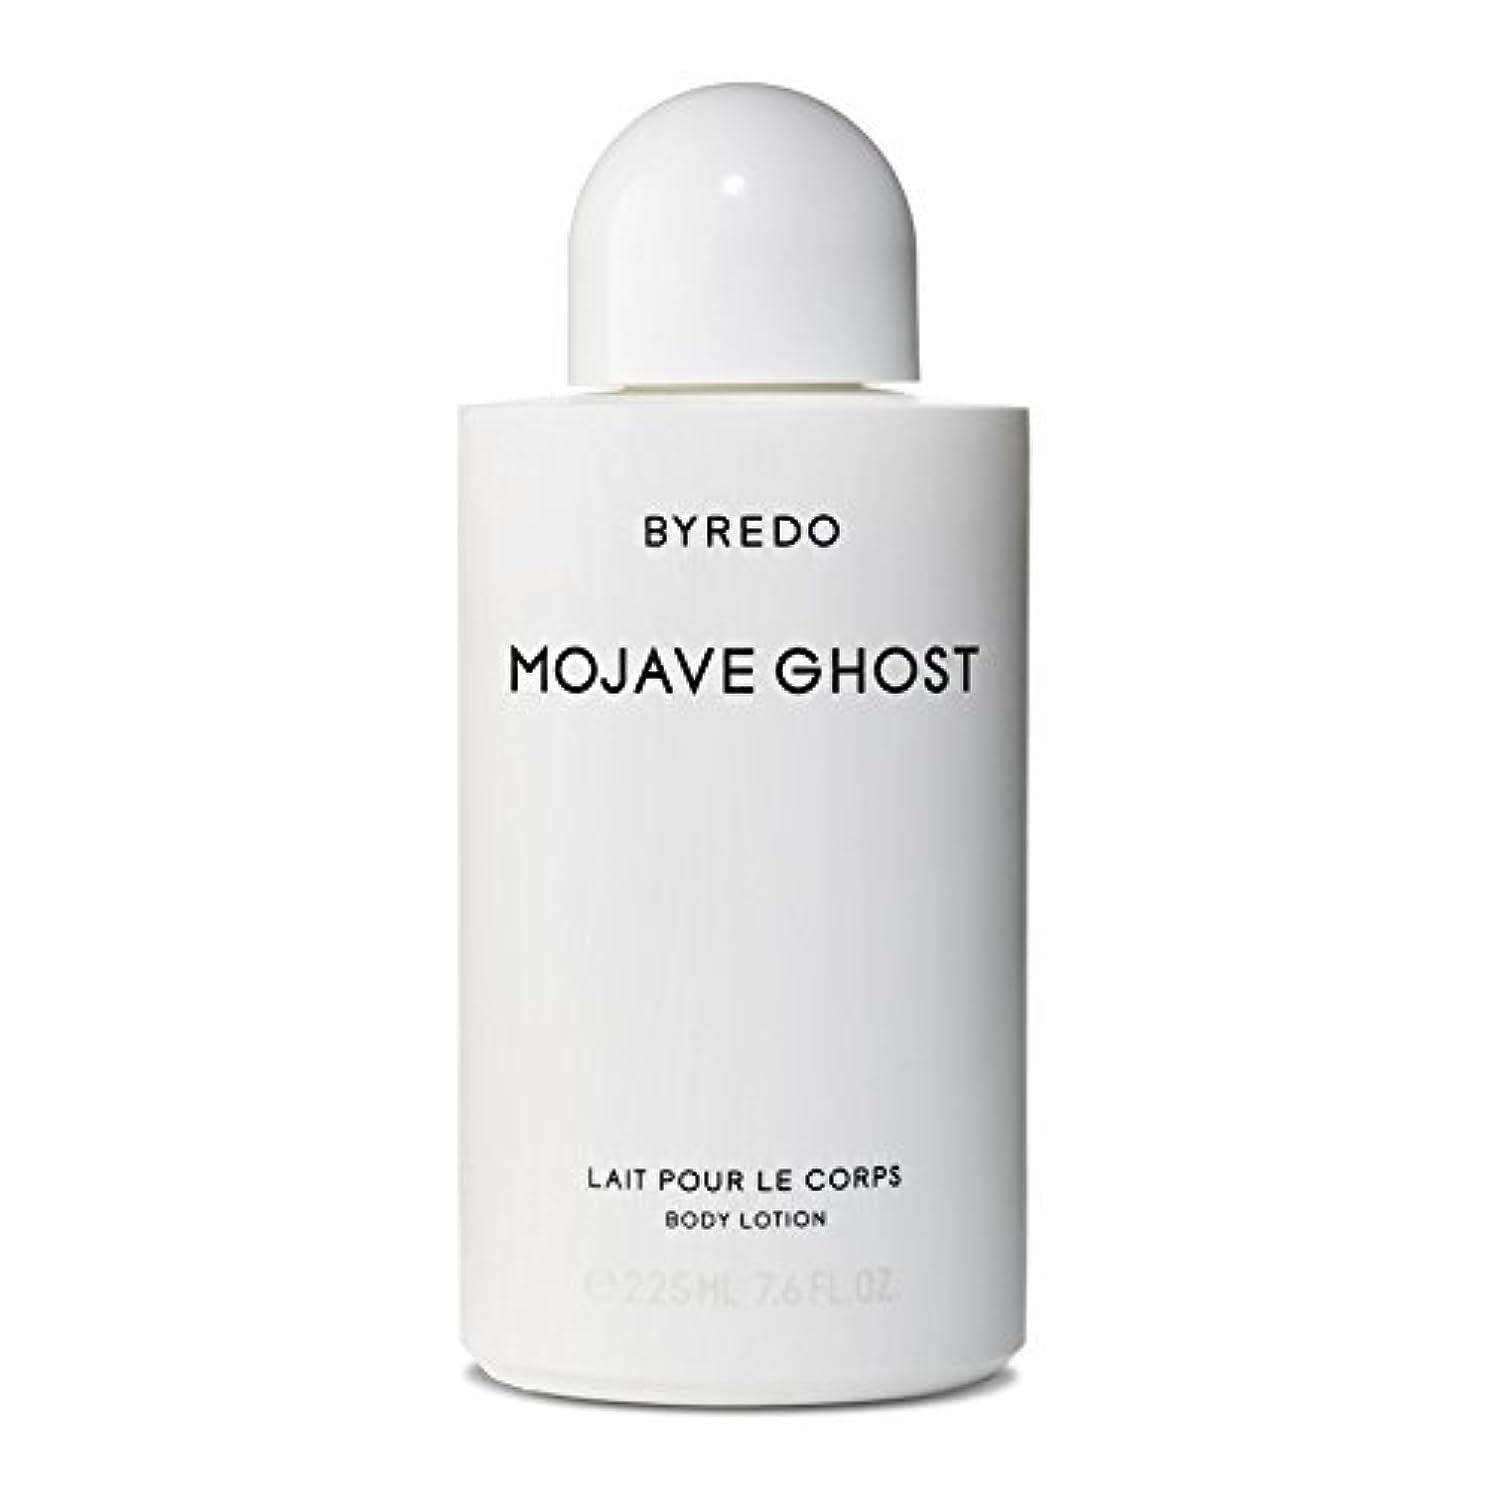 無駄な王族散るByredo Mojave Ghost Body Lotion - モハーベゴーストボディローション [並行輸入品]